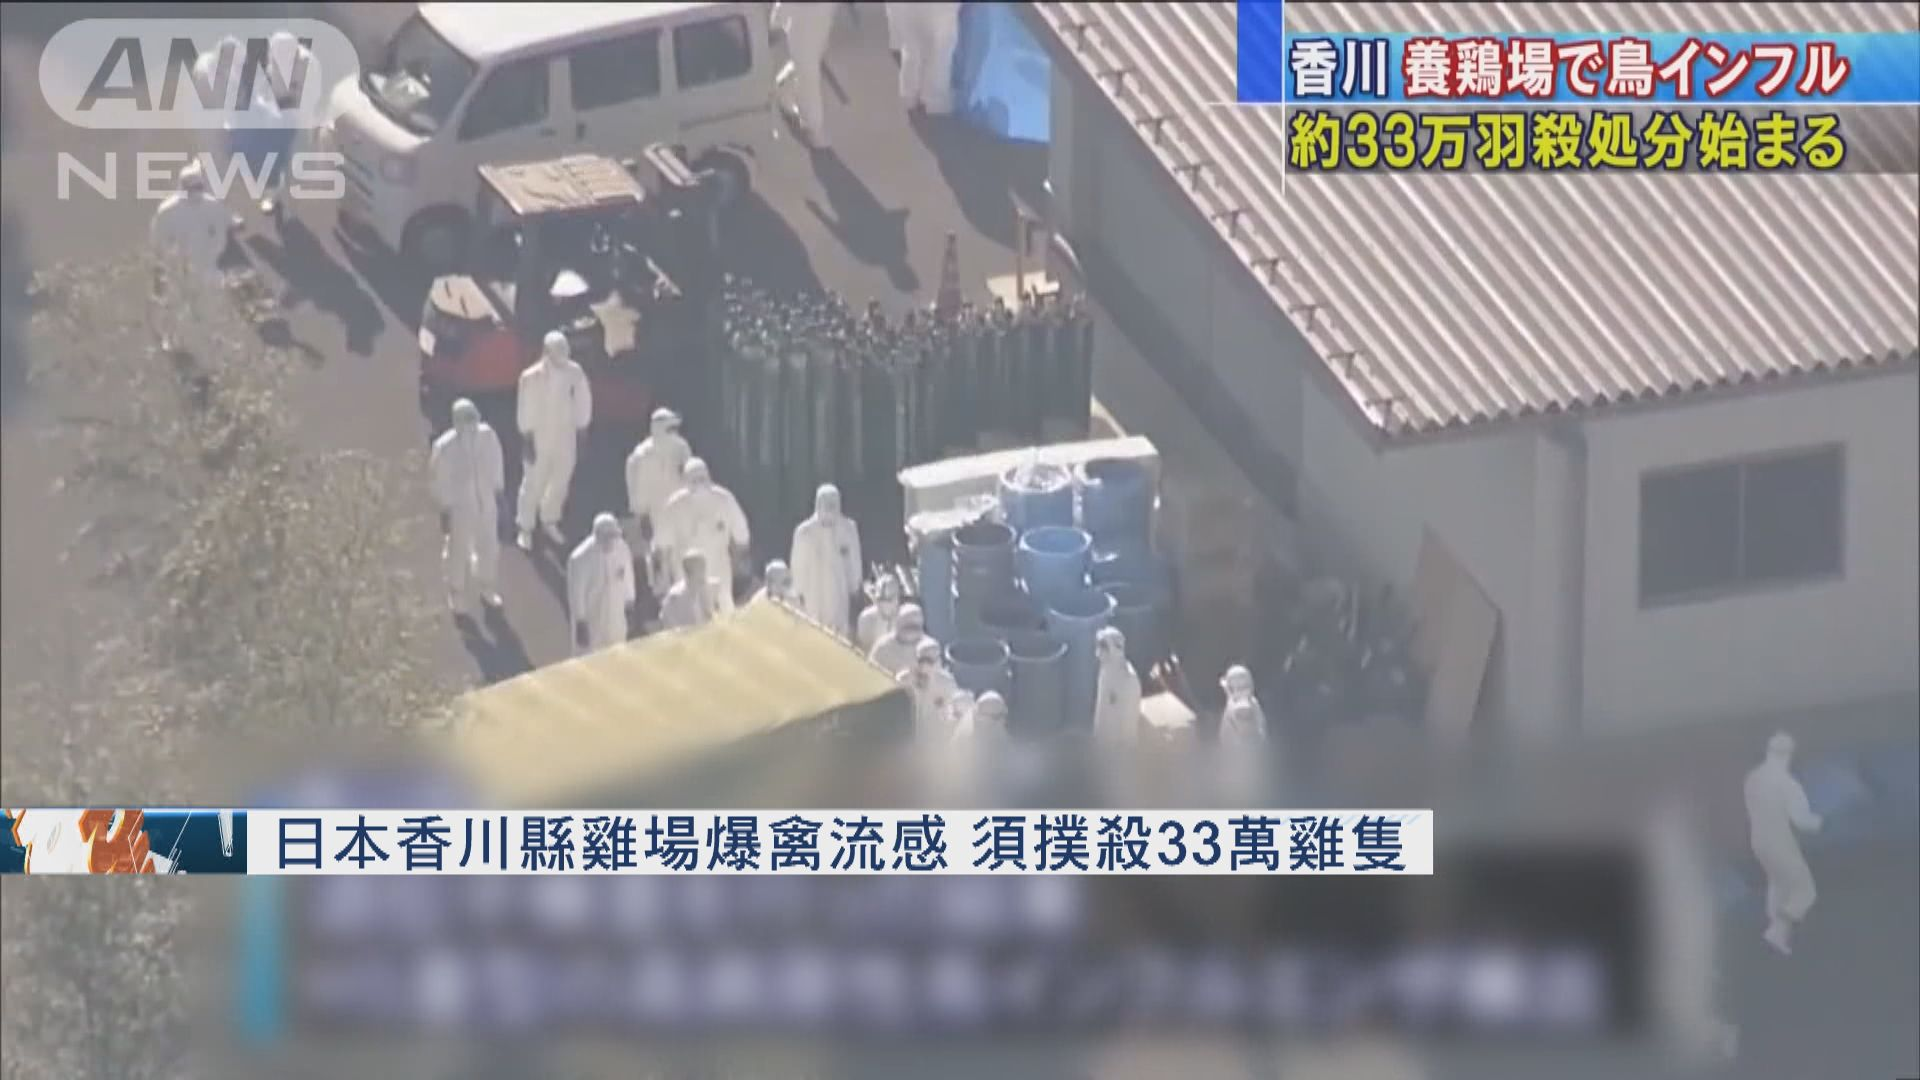 日本香川縣雞場爆禽流感 須撲殺33萬雞隻